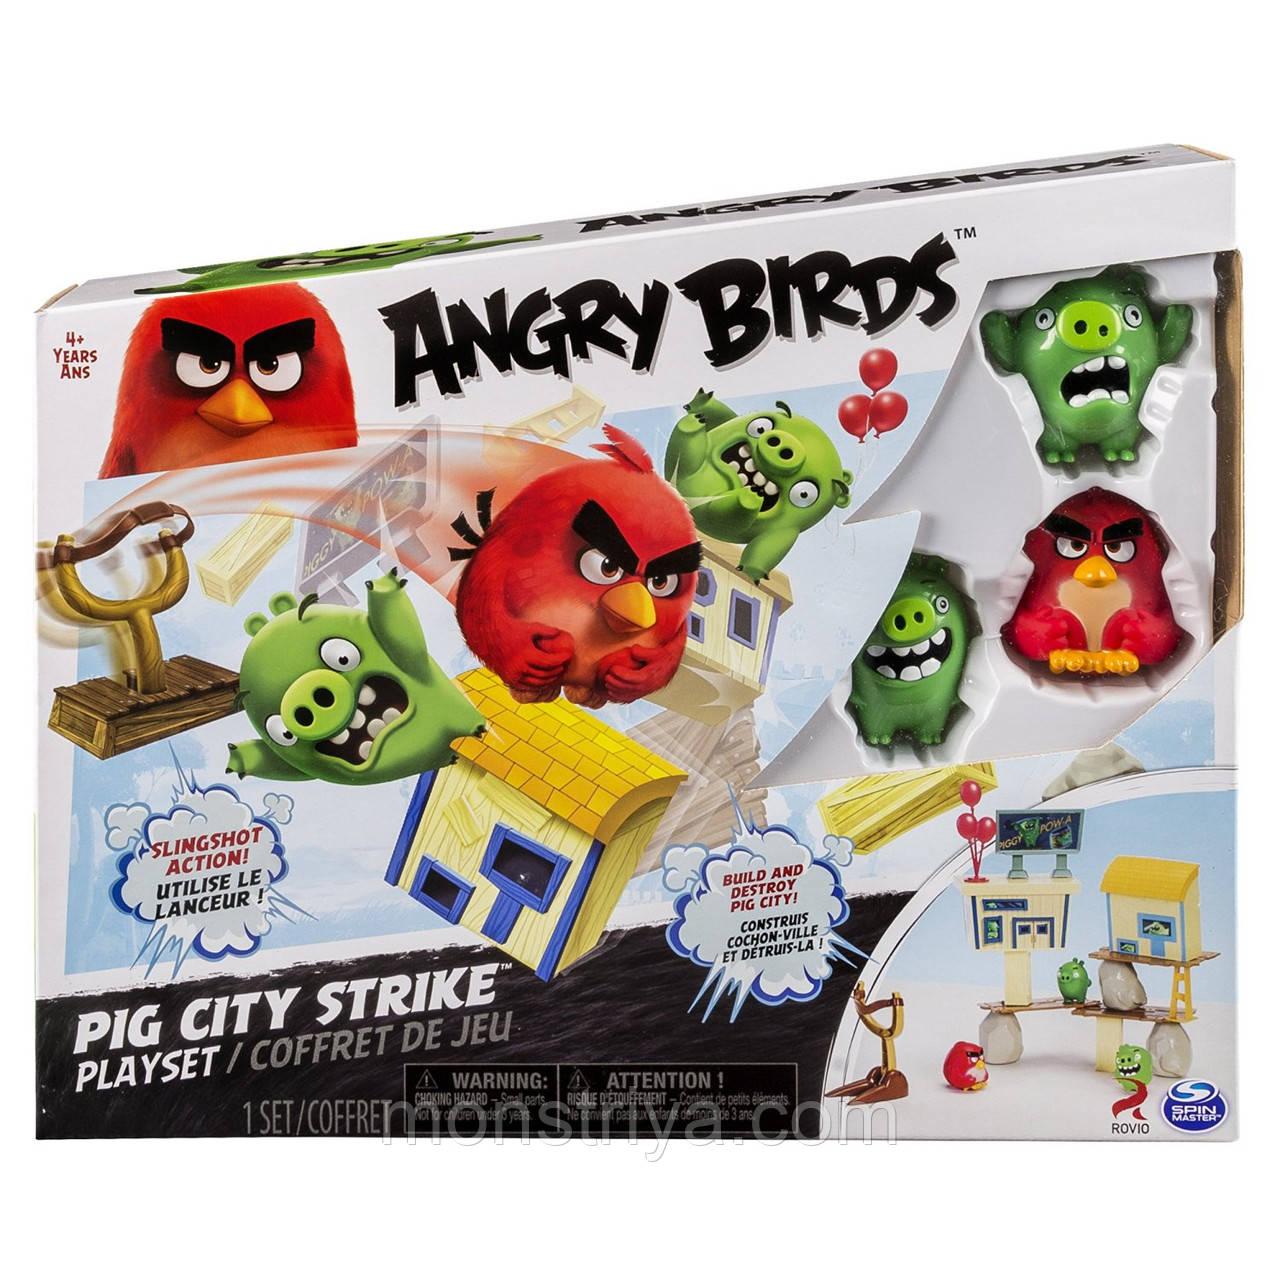 Энгри Бердз средний игровой набор Ред атакует город свинок, Angry Birds